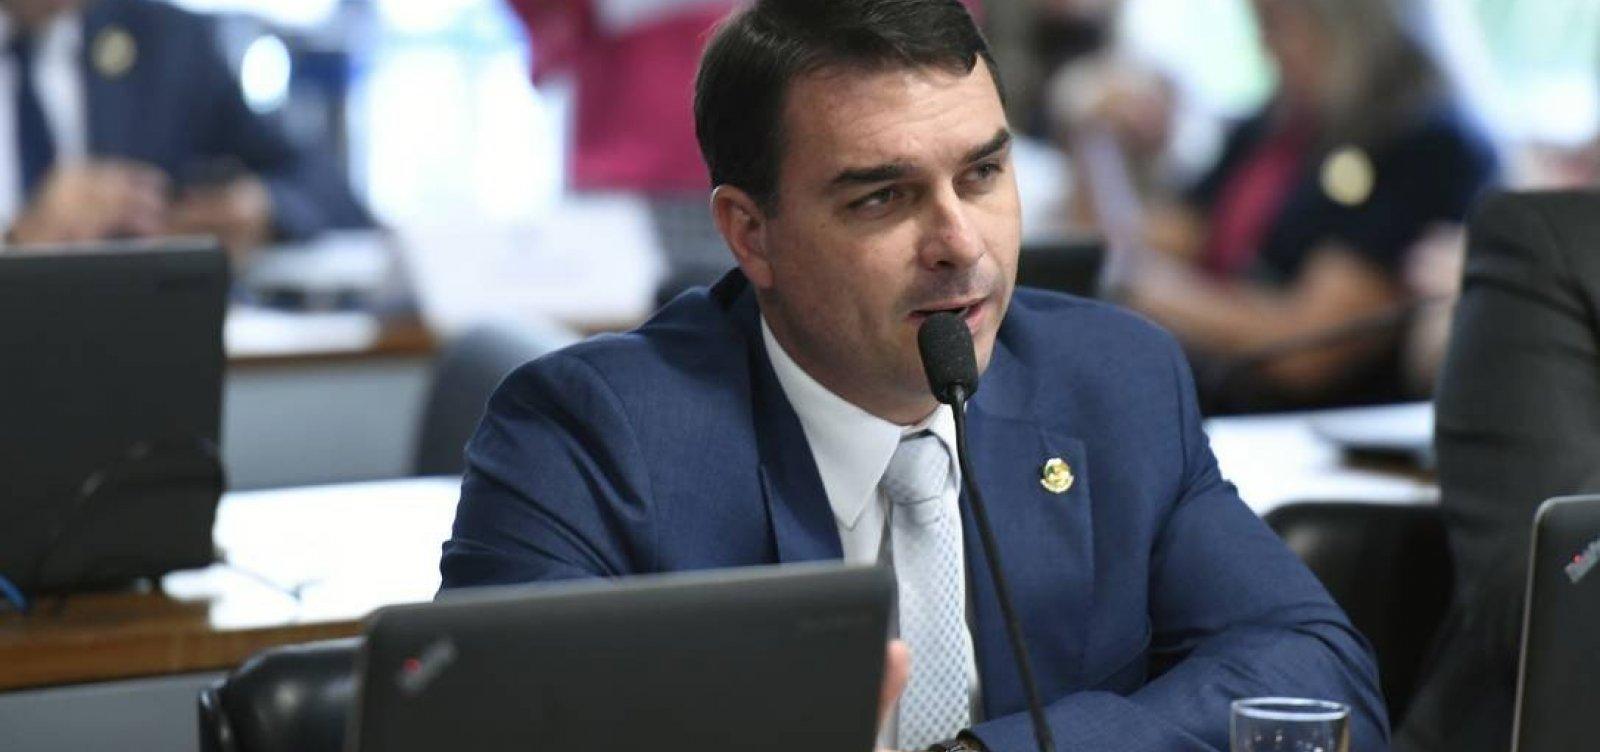 [Assessor de Flávio Bolsonaro depositou R$ 90 mil na conta da mãe, que não lembra da transação]